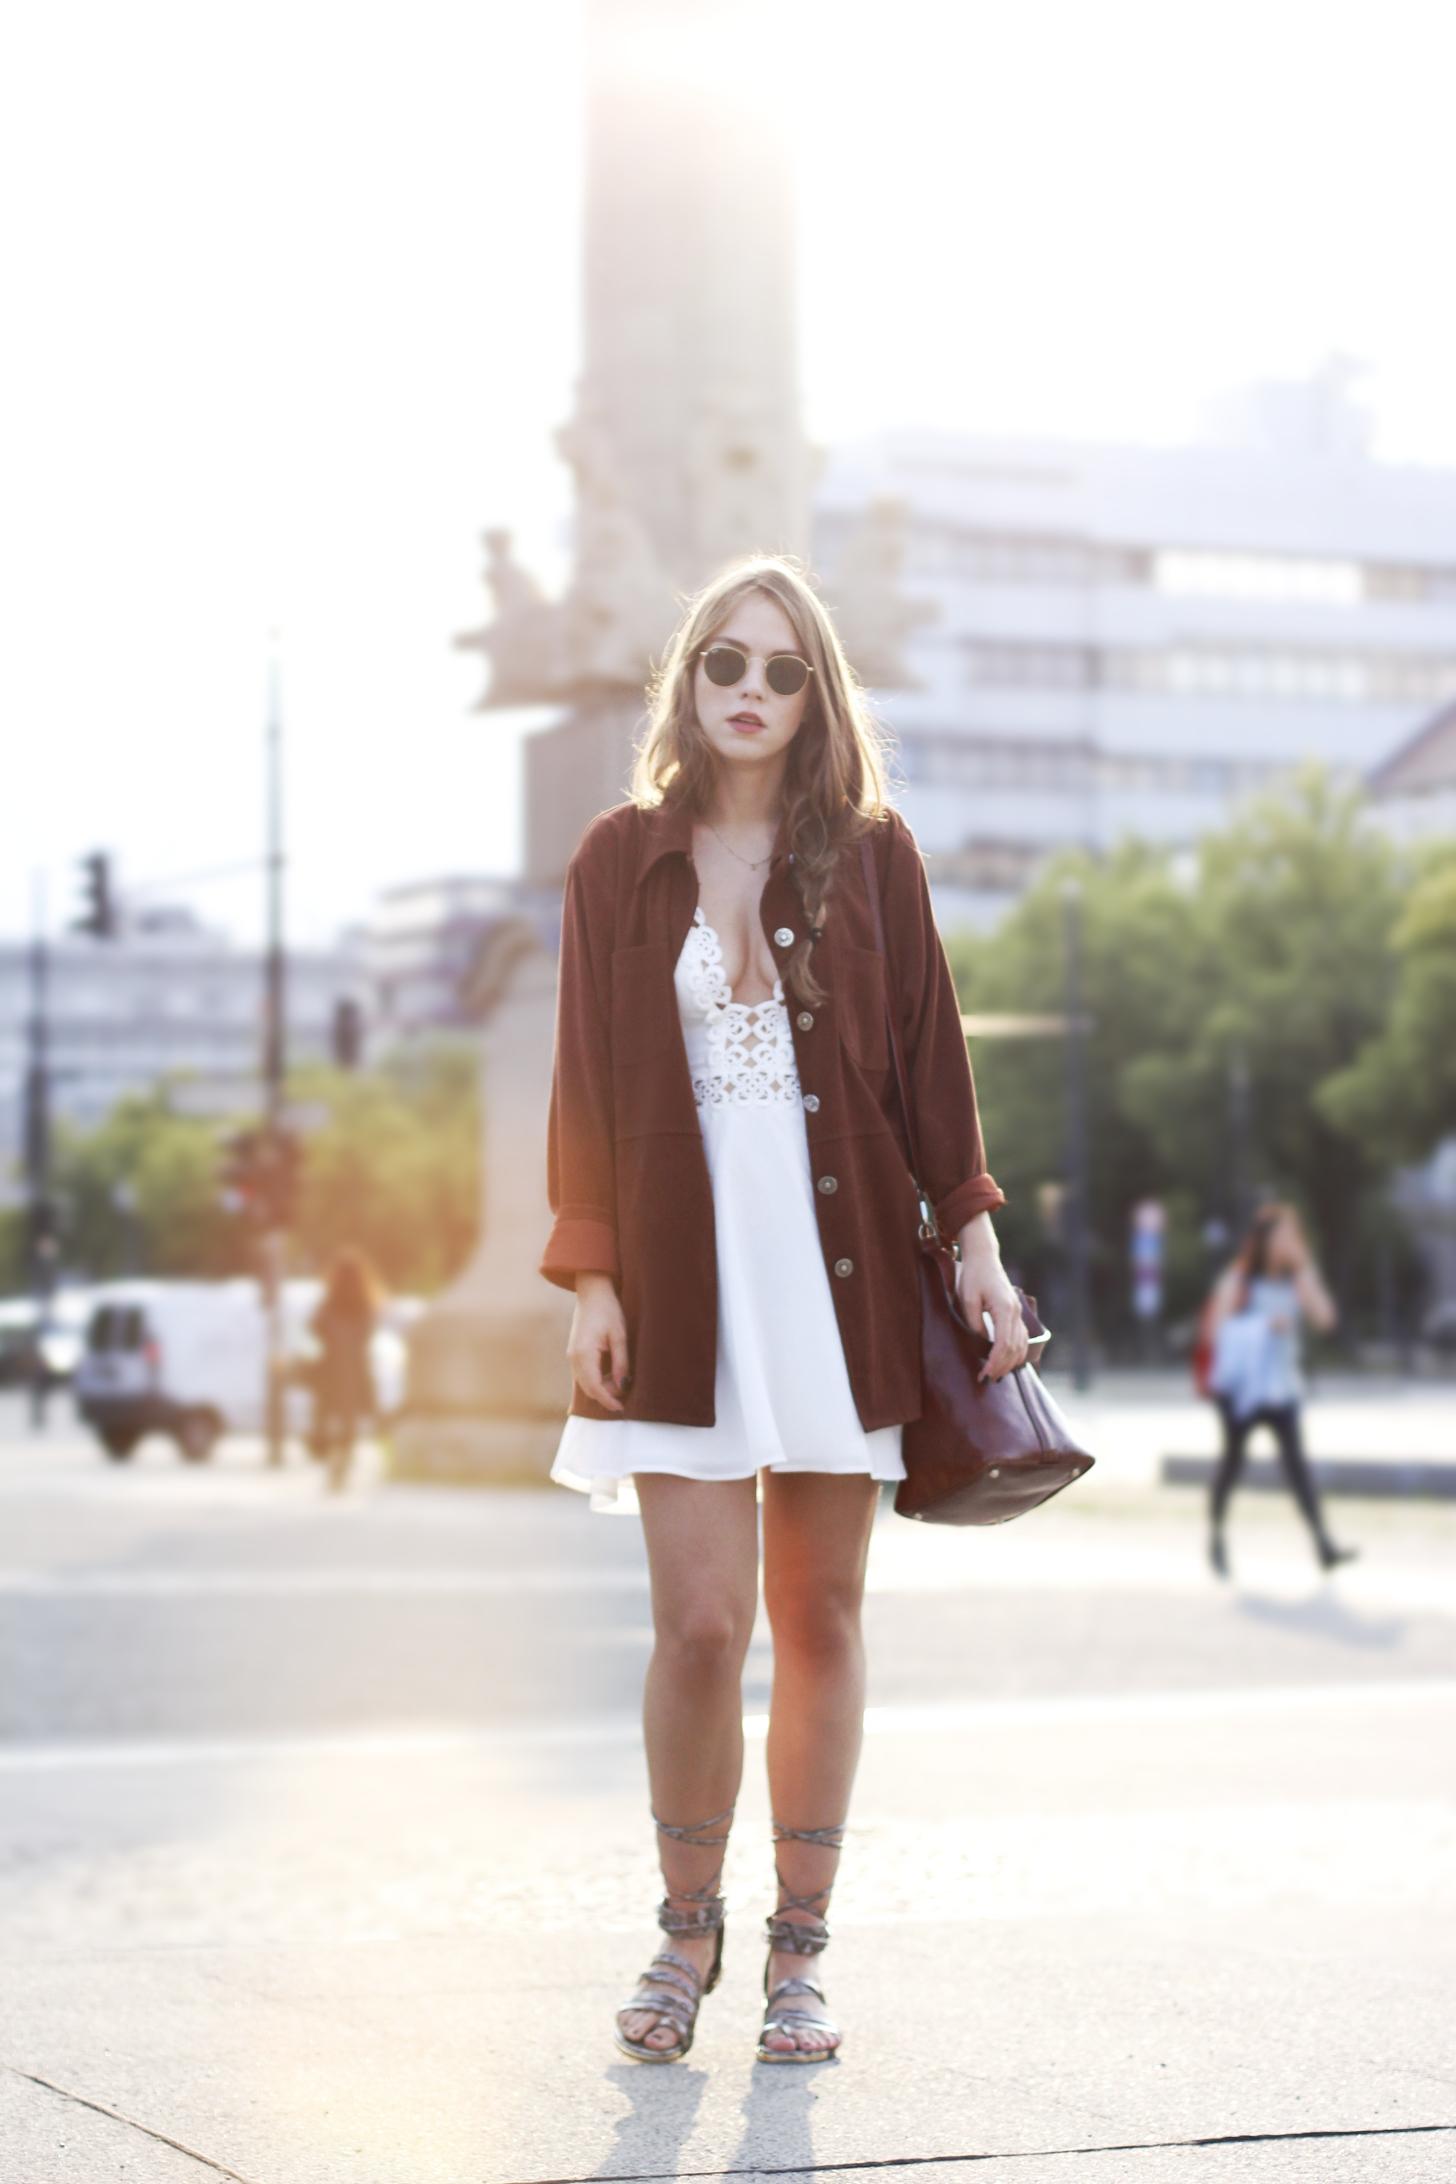 Weißes Kleid mit Gladiatorsandalen und Vintagejacke in rostbraun